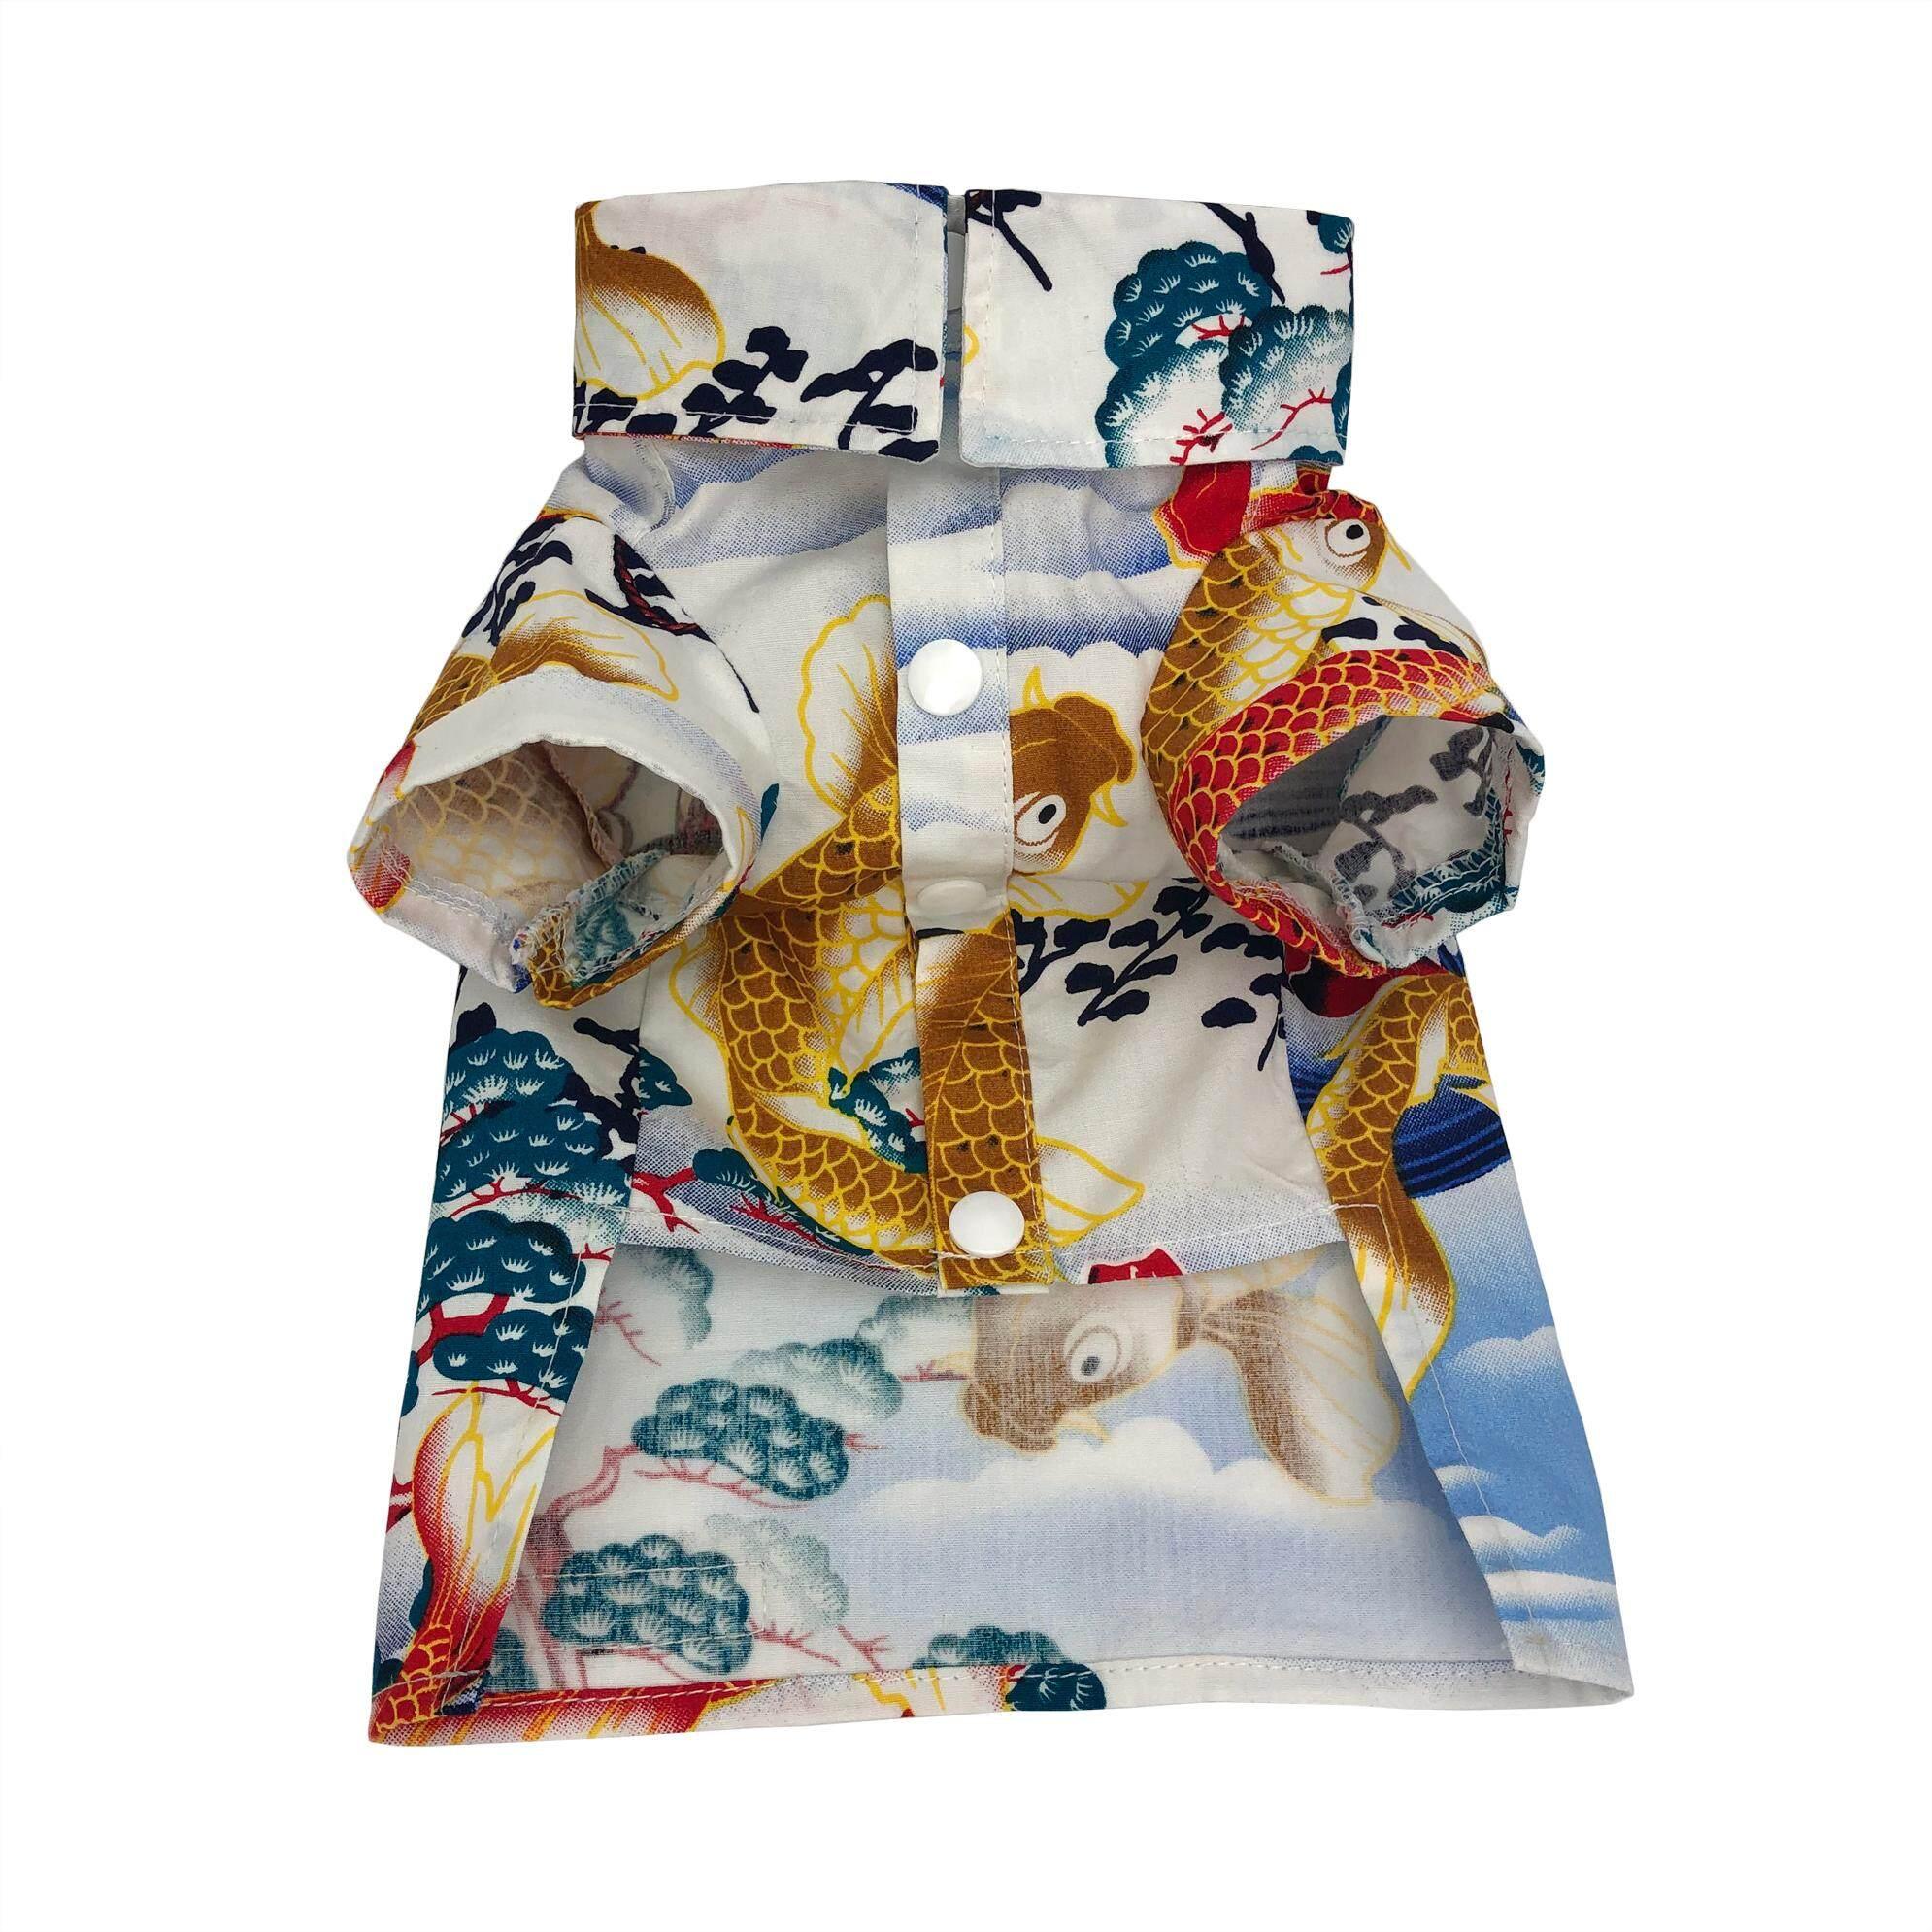 เสื้อผ้าสัตว์เลี้ยง เสื้อผ้าสุนัขแมว เสื้อเชิ้ตหมาแมวสไตล์ญี่ปุ่น.